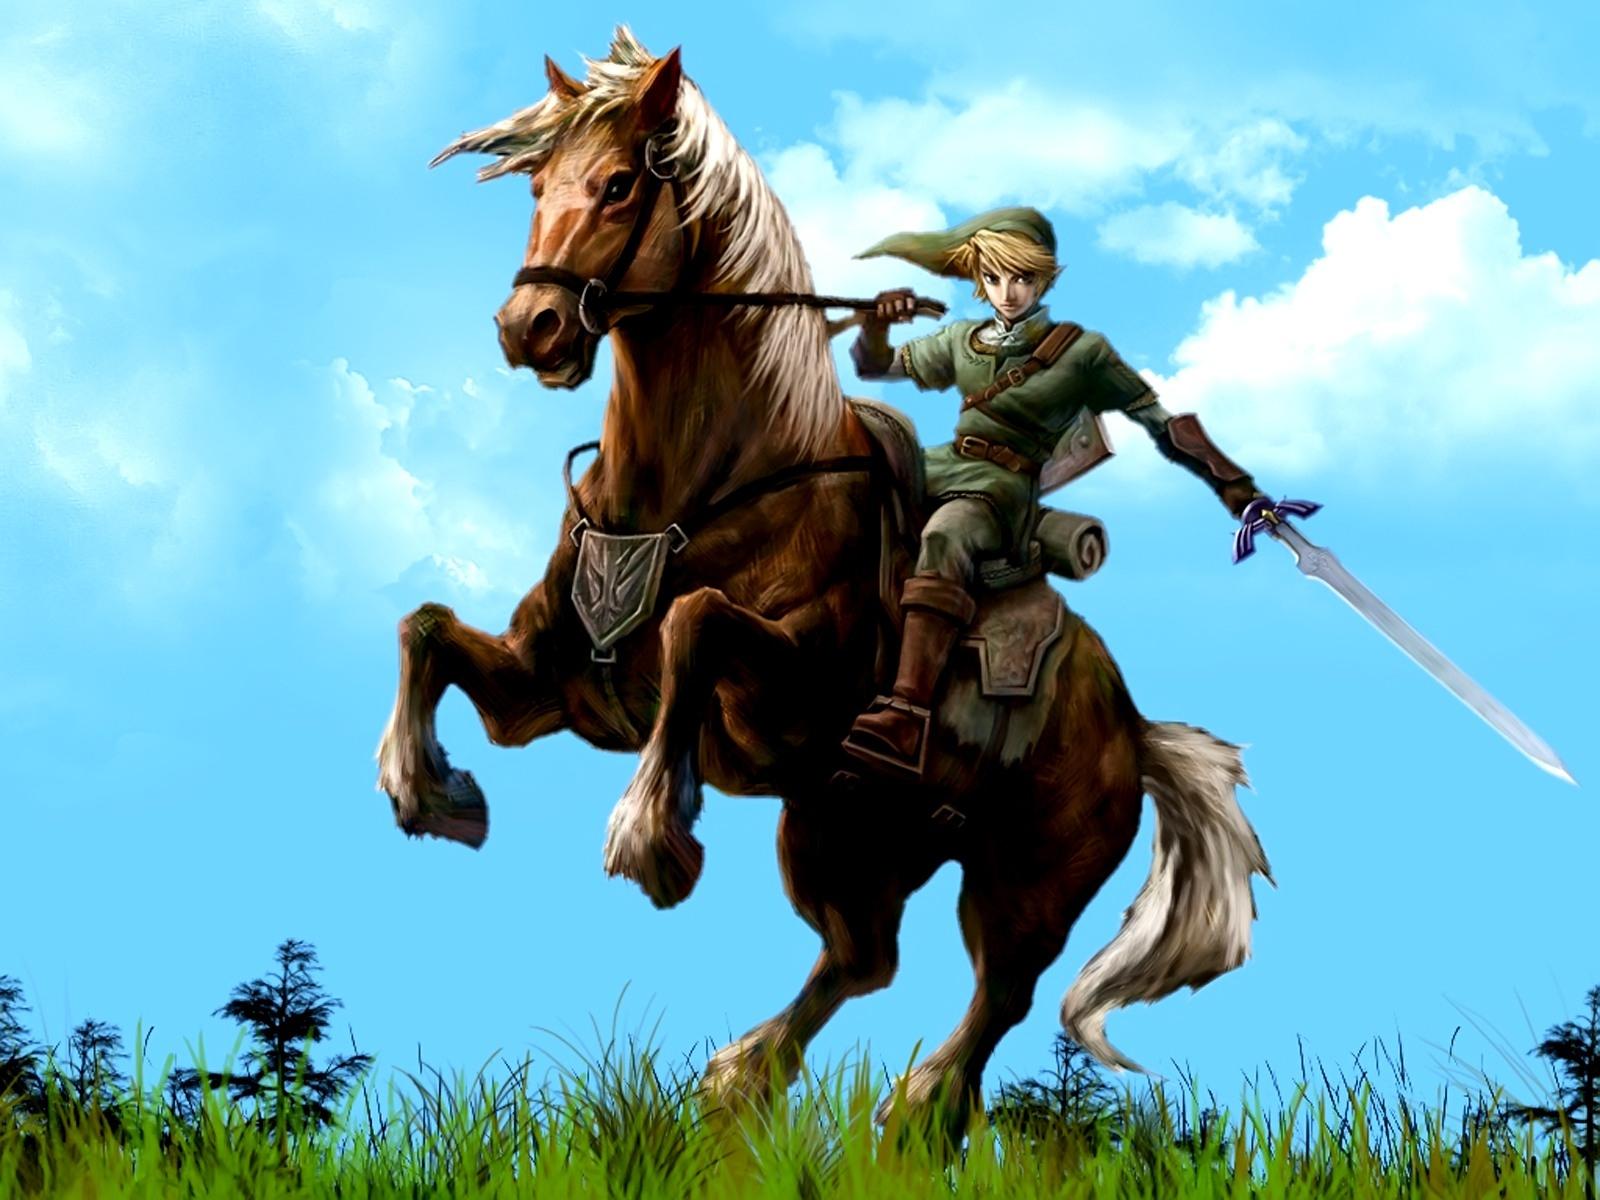 Zelda background image Zelda wallpapers 1600x1200